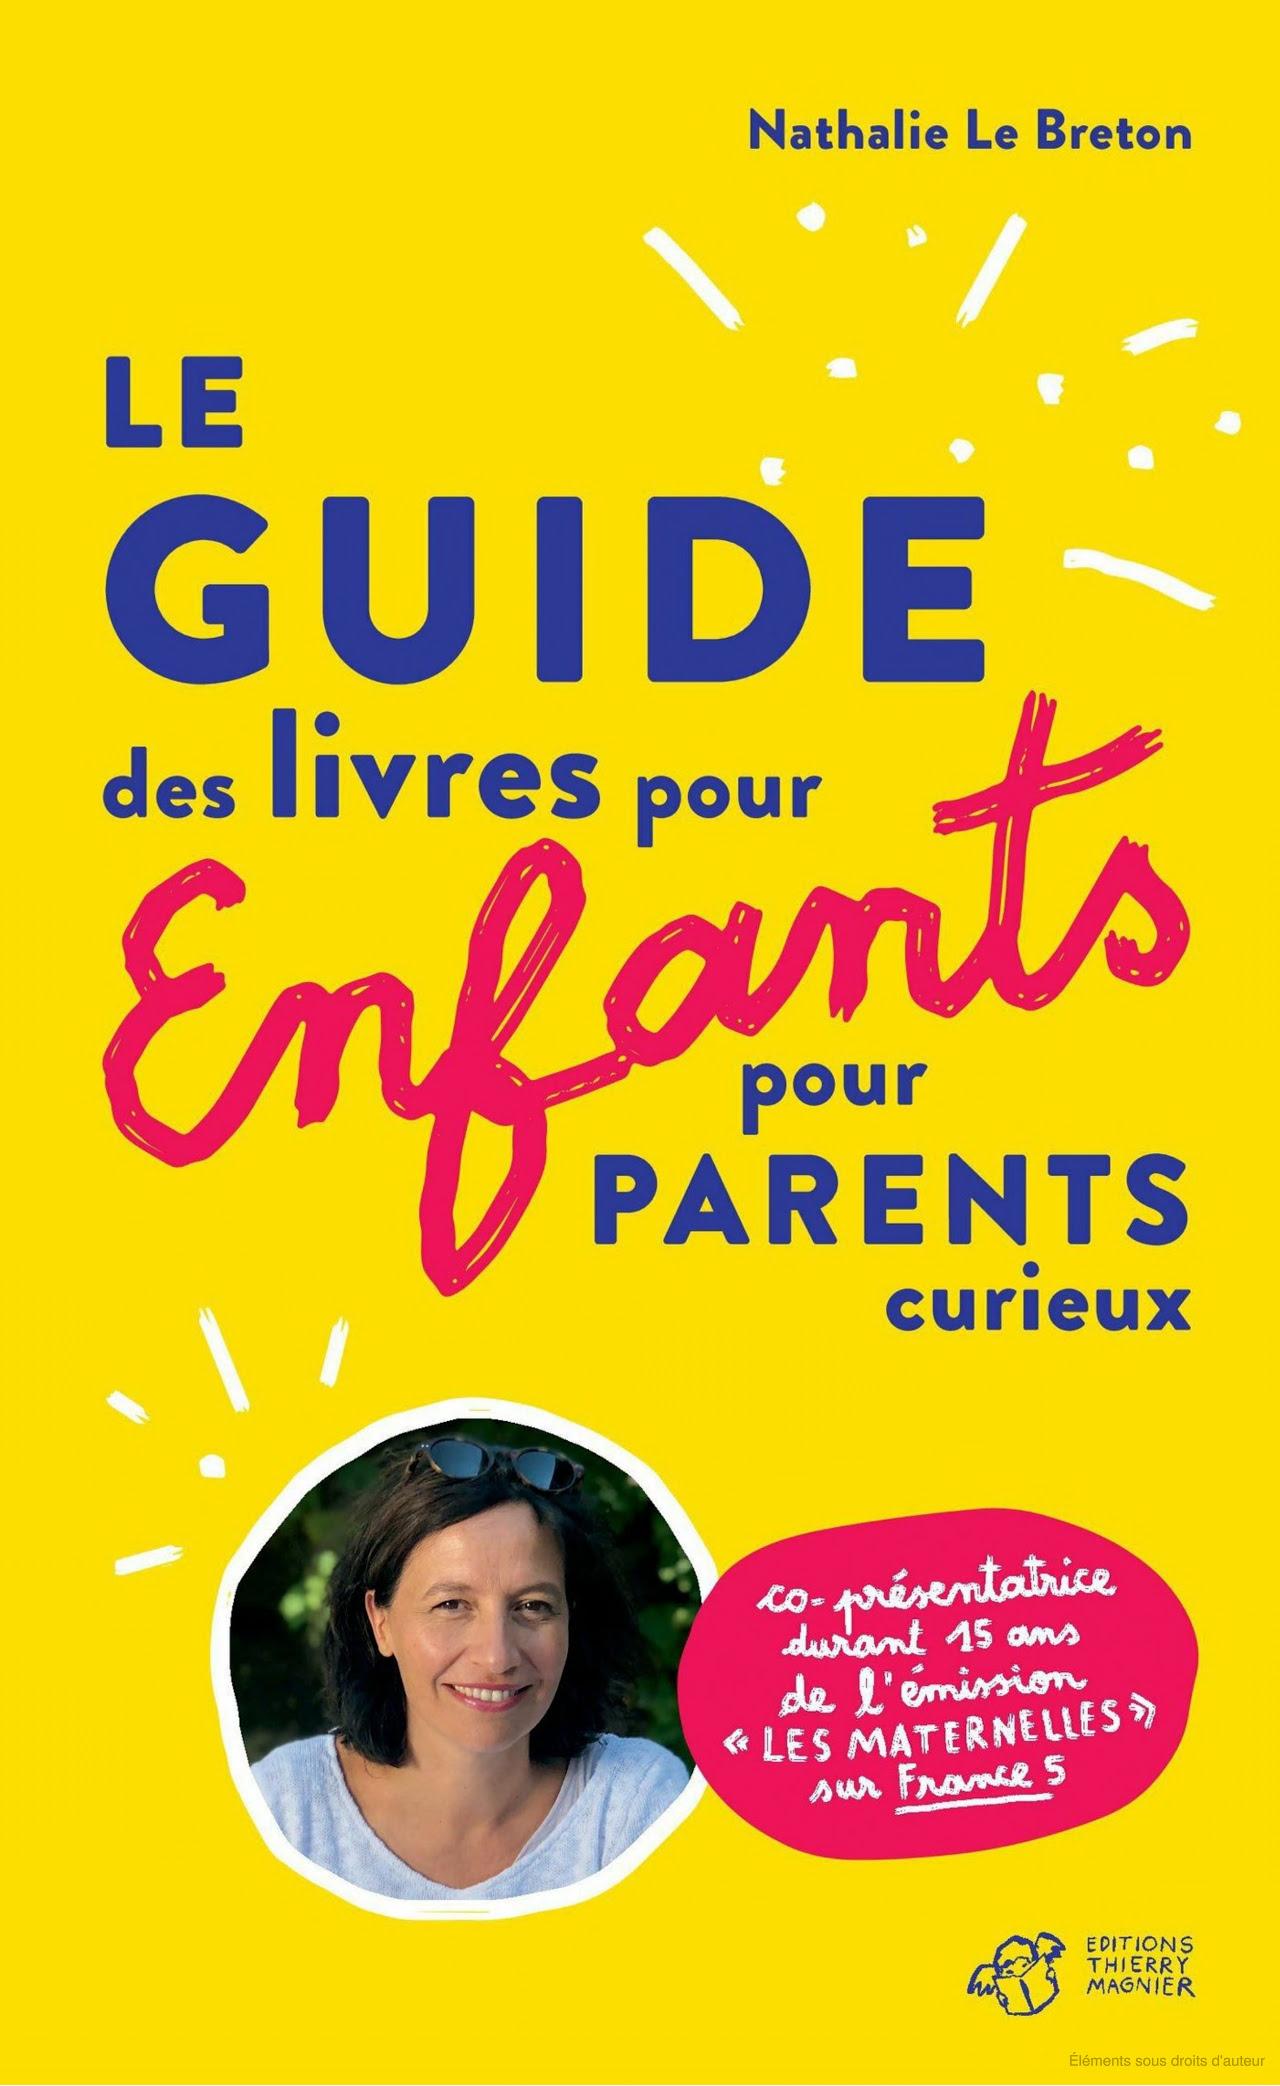 Lire-et-delire_Nathalie_Le_Breton_guide_des_livres_pour_enfants